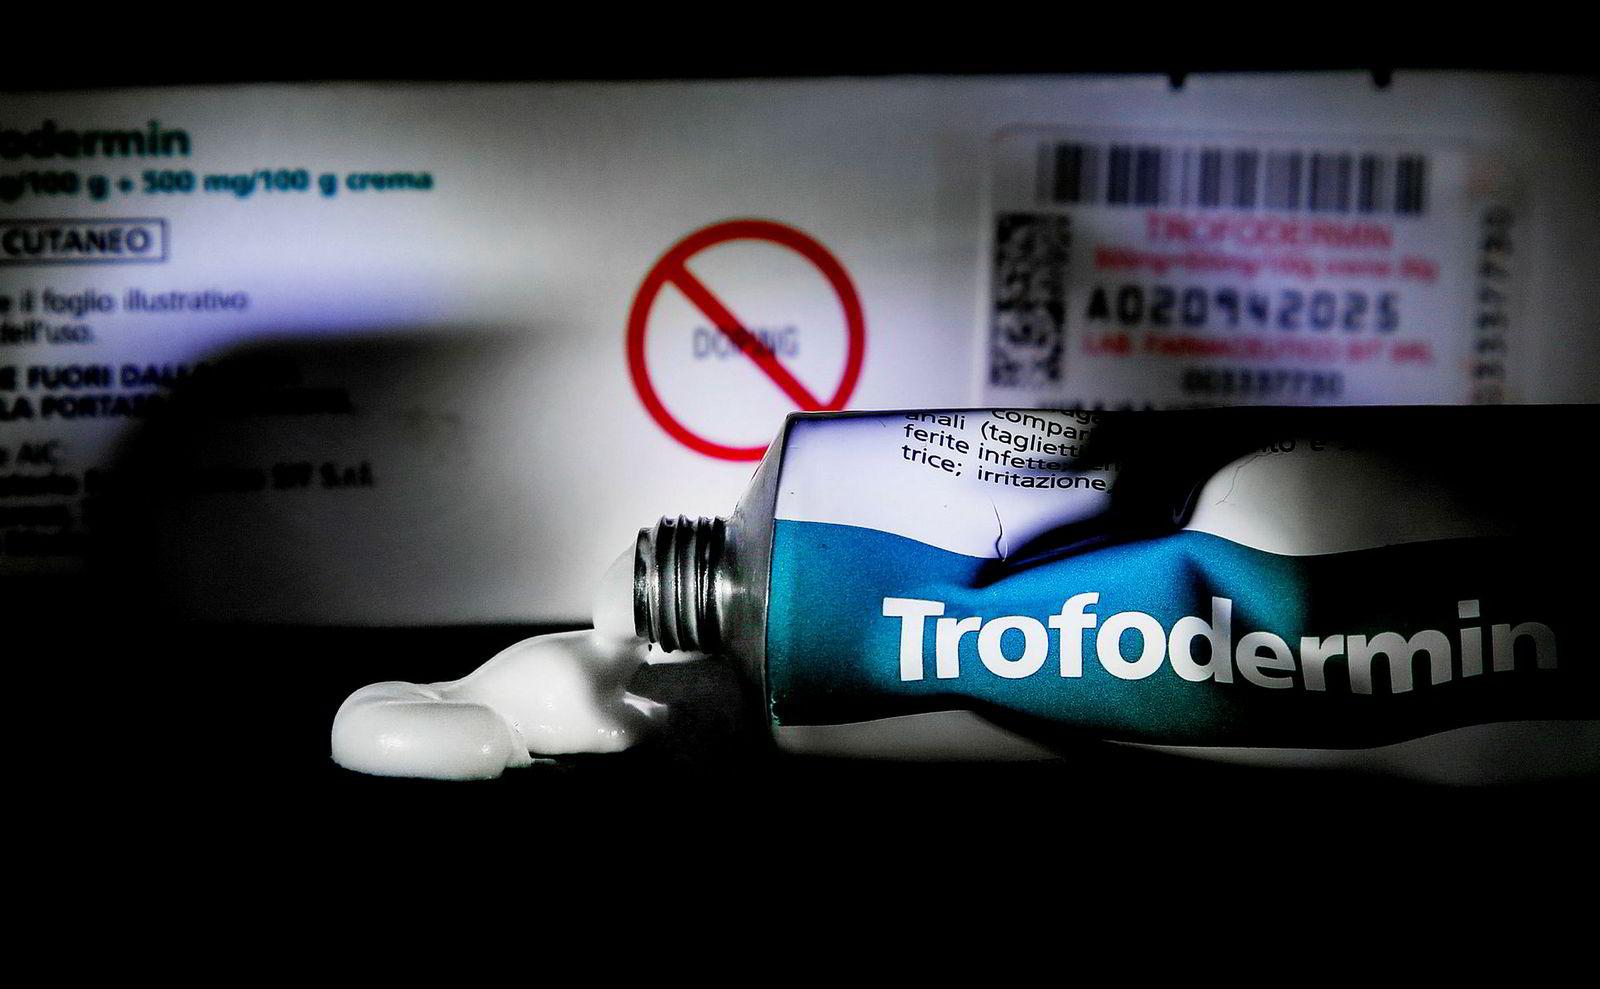 Bildet viser en tube med Trofodermin, kremen Therese Johaug brukte.